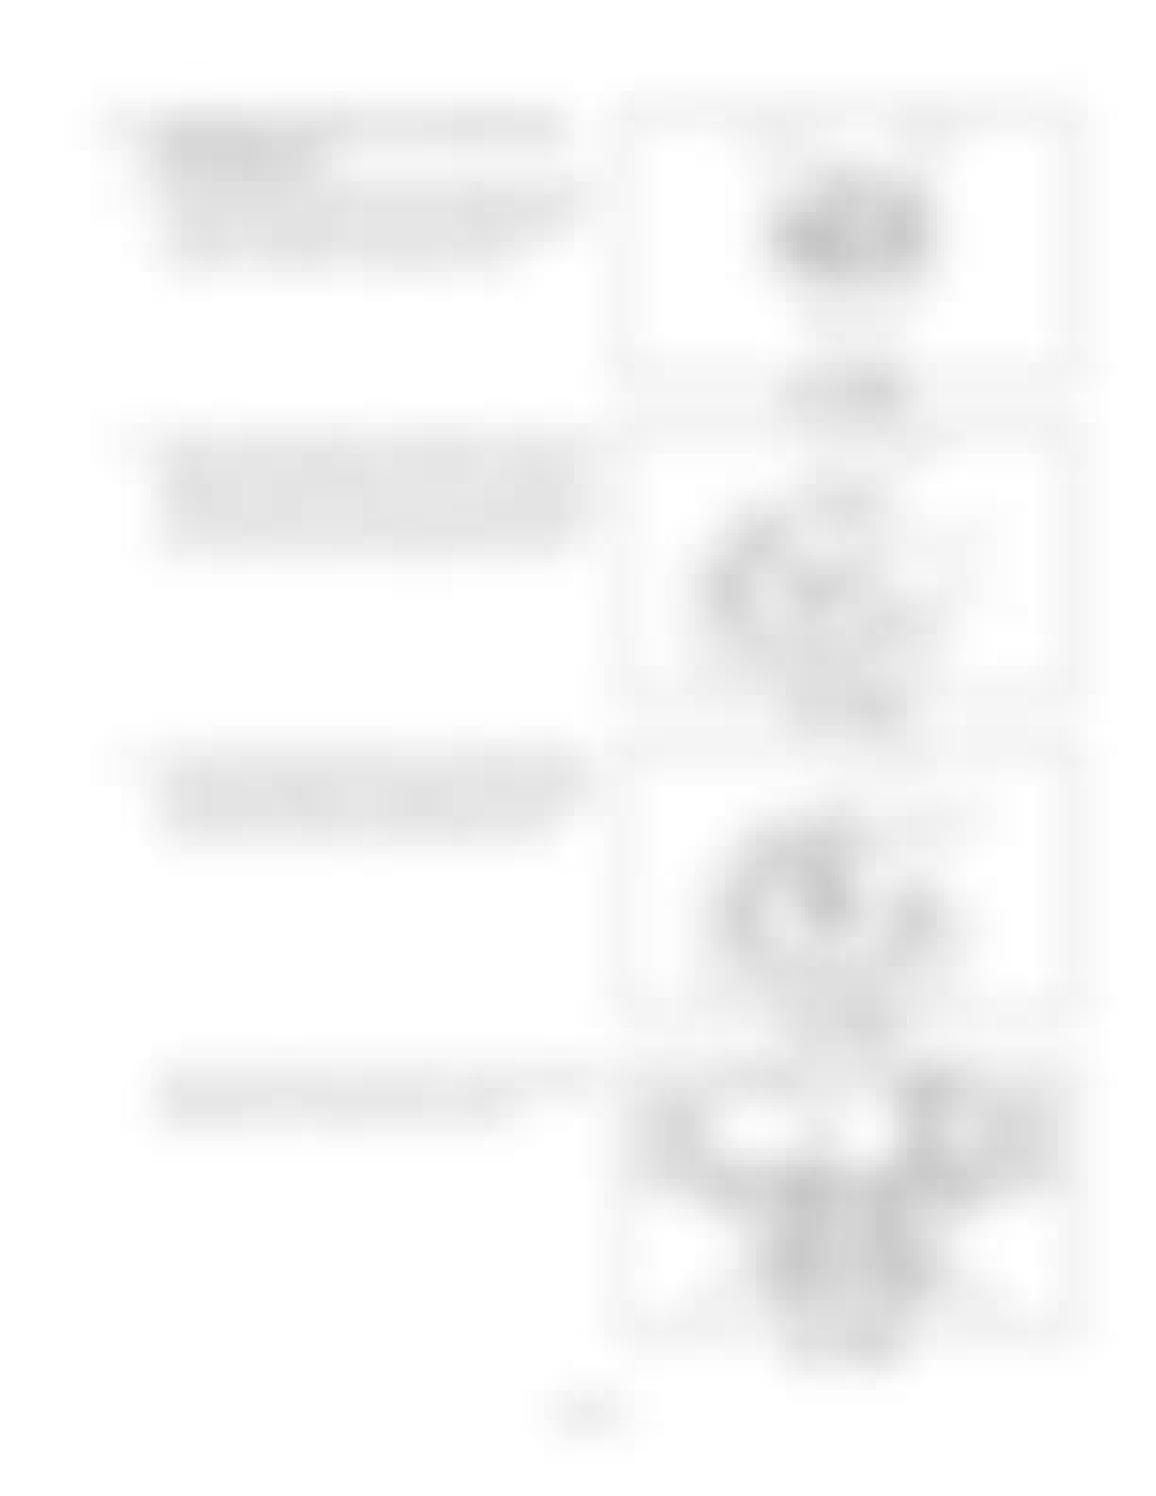 Hitachi LX110-7 LX130-7 LX160-7 LX190-7 LX230-7 Wheel Loader Workshop Manual - PDF DOWNLOAD page 211